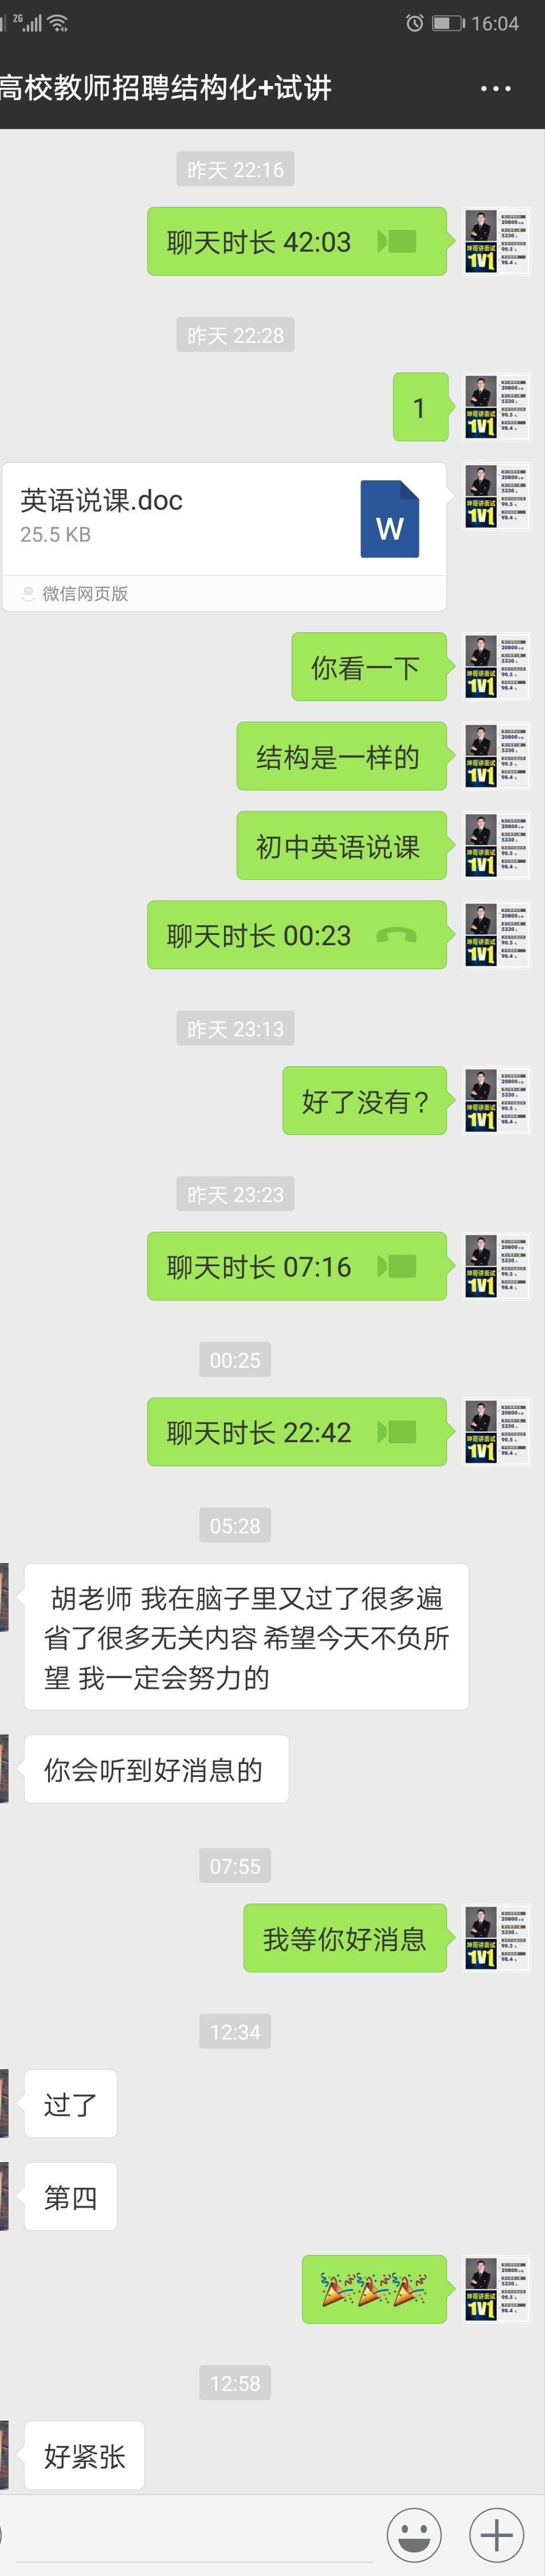 【面试捷报】河南高校教师招聘学员上岸经验分享(图1)